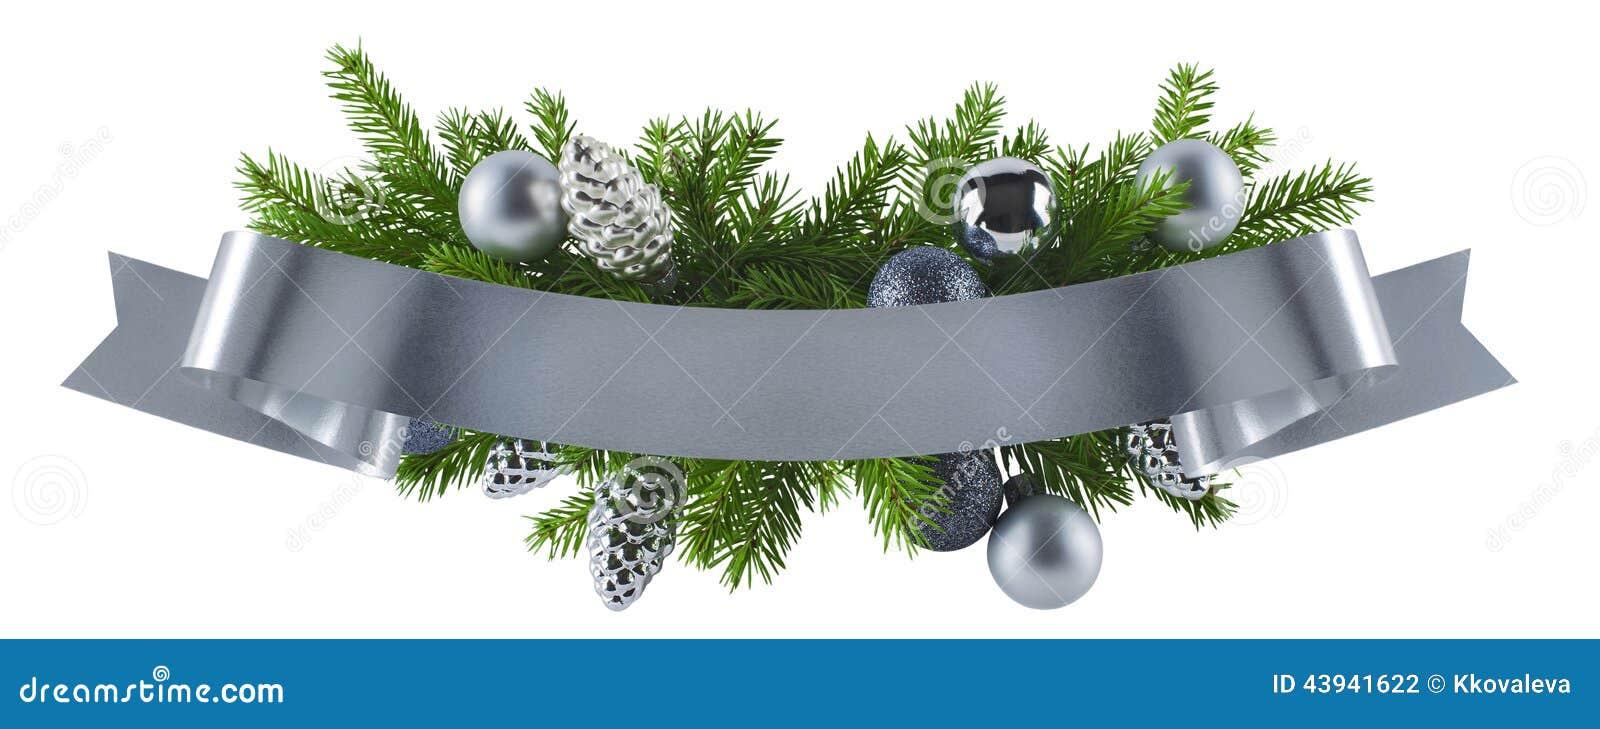 Decoration De Menu De Noel.Festive Rich Christmas Silver Decoration Element Stock Photo